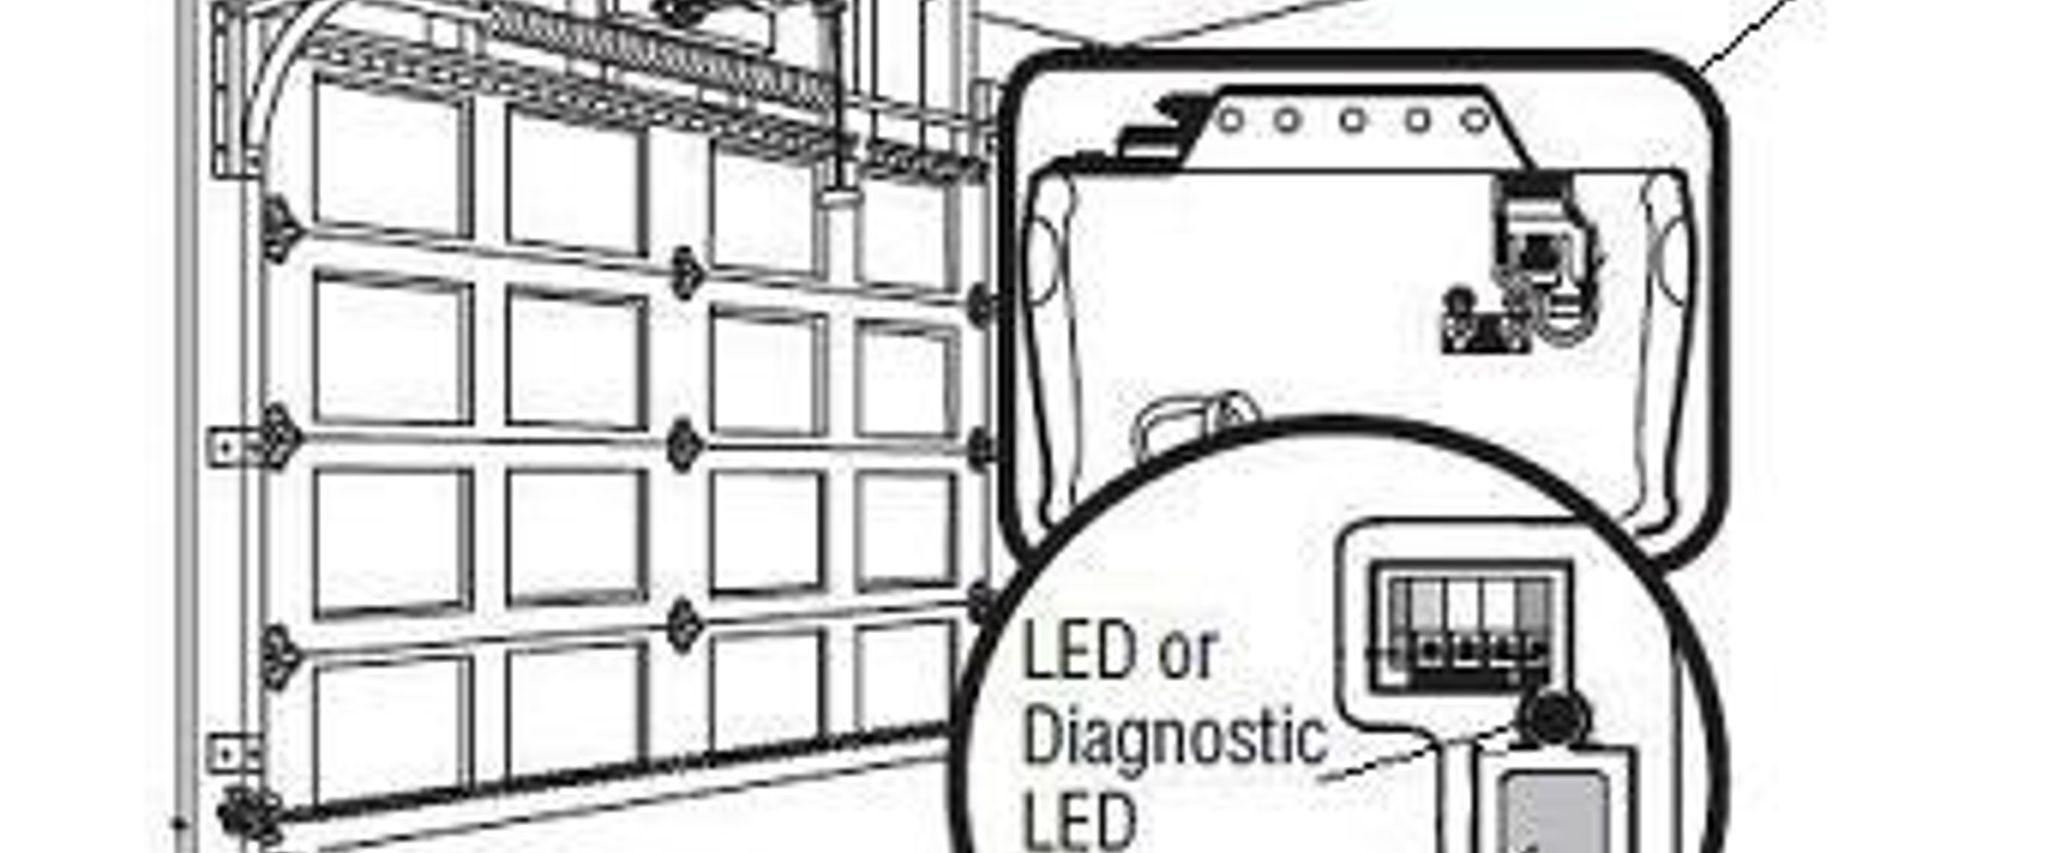 Keyless Entry System 2000 Keyless Entry System Wiring Diagram